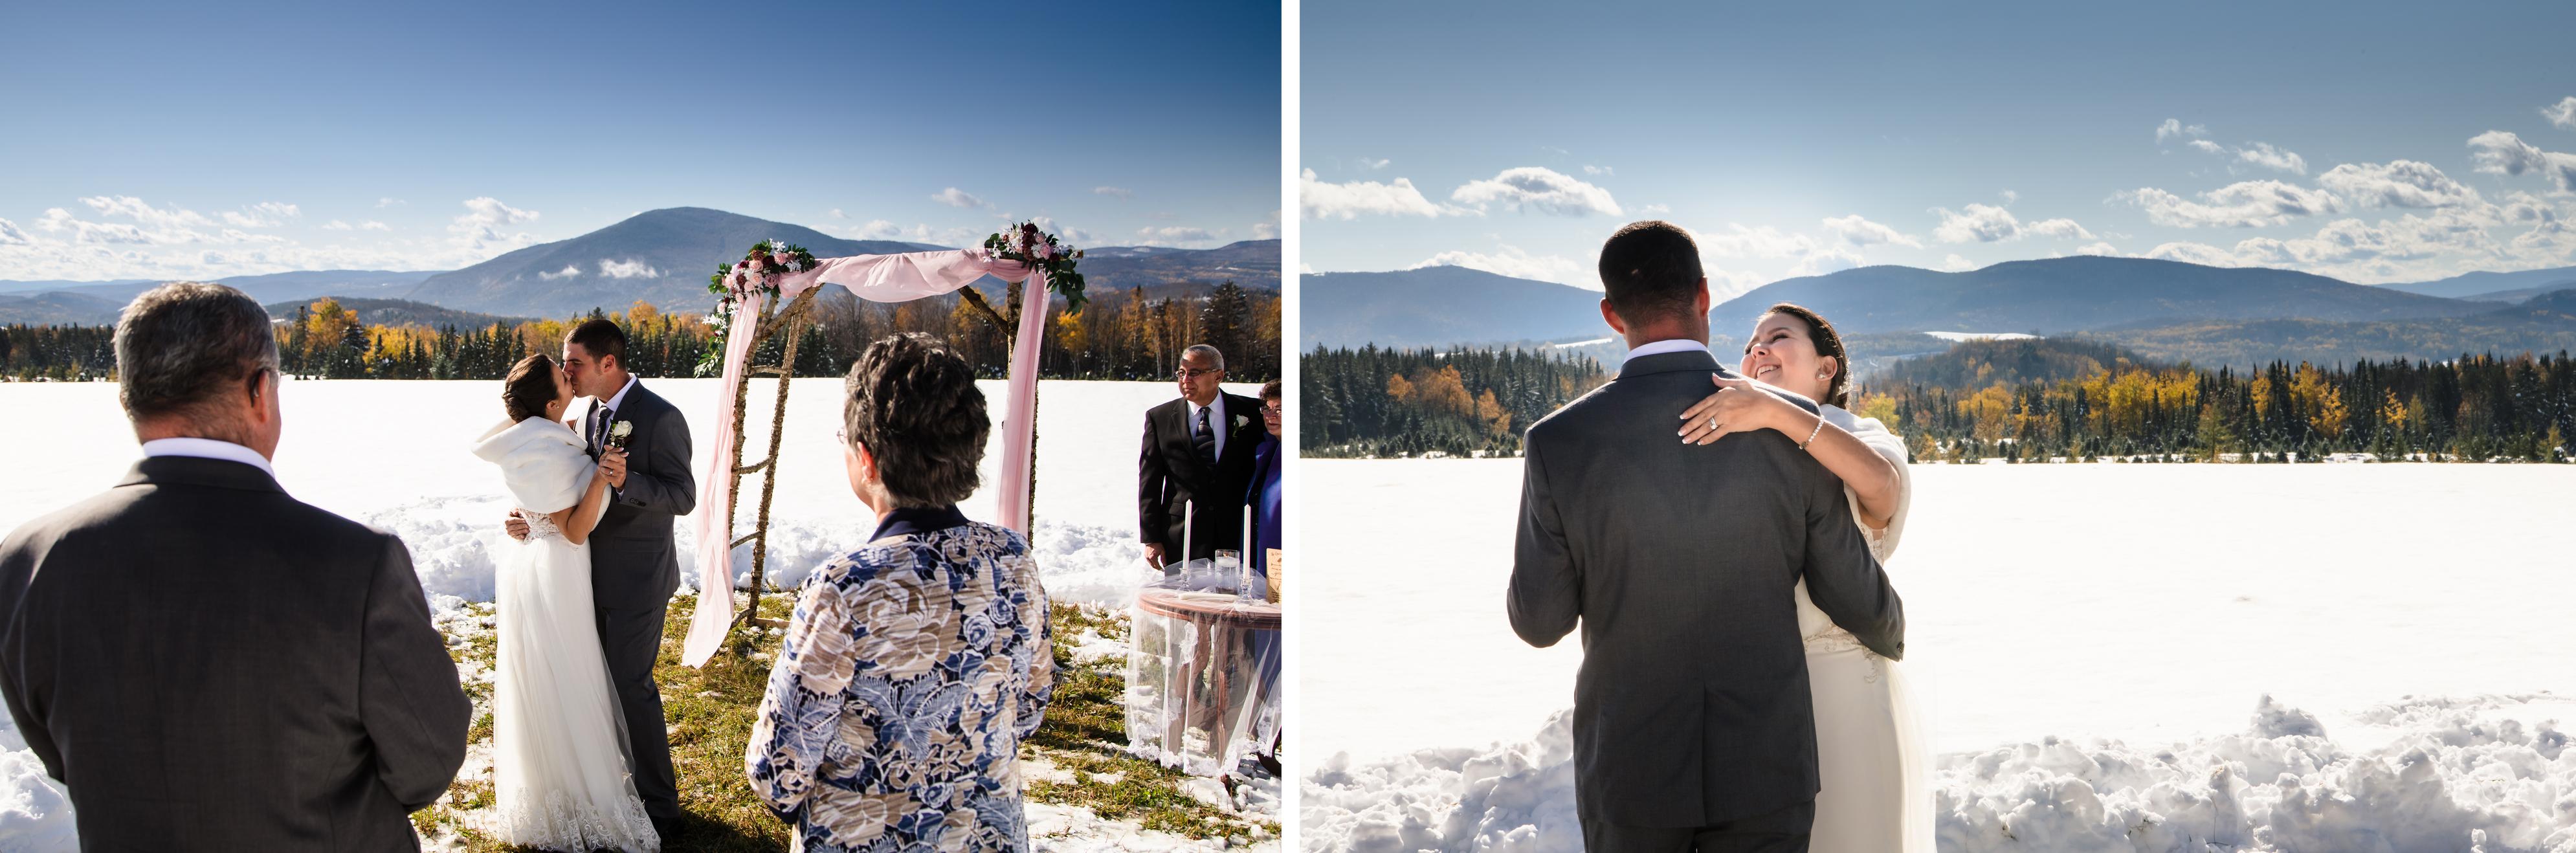 Campo Wedding 9 - Portfolio: Campo Wedding